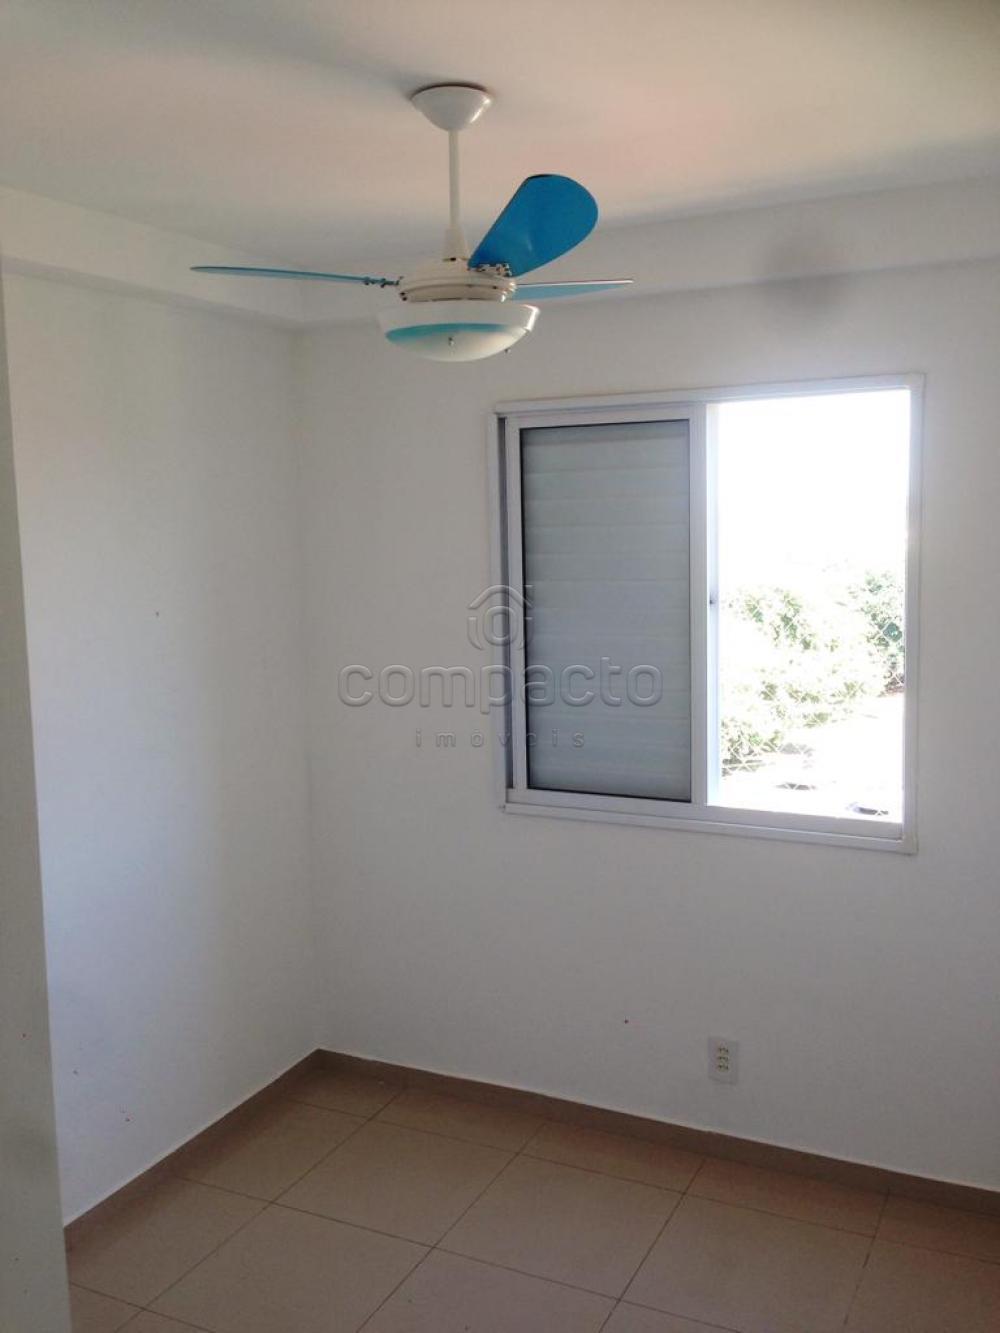 Comprar Apartamento / Padrão em São José do Rio Preto apenas R$ 240.000,00 - Foto 13